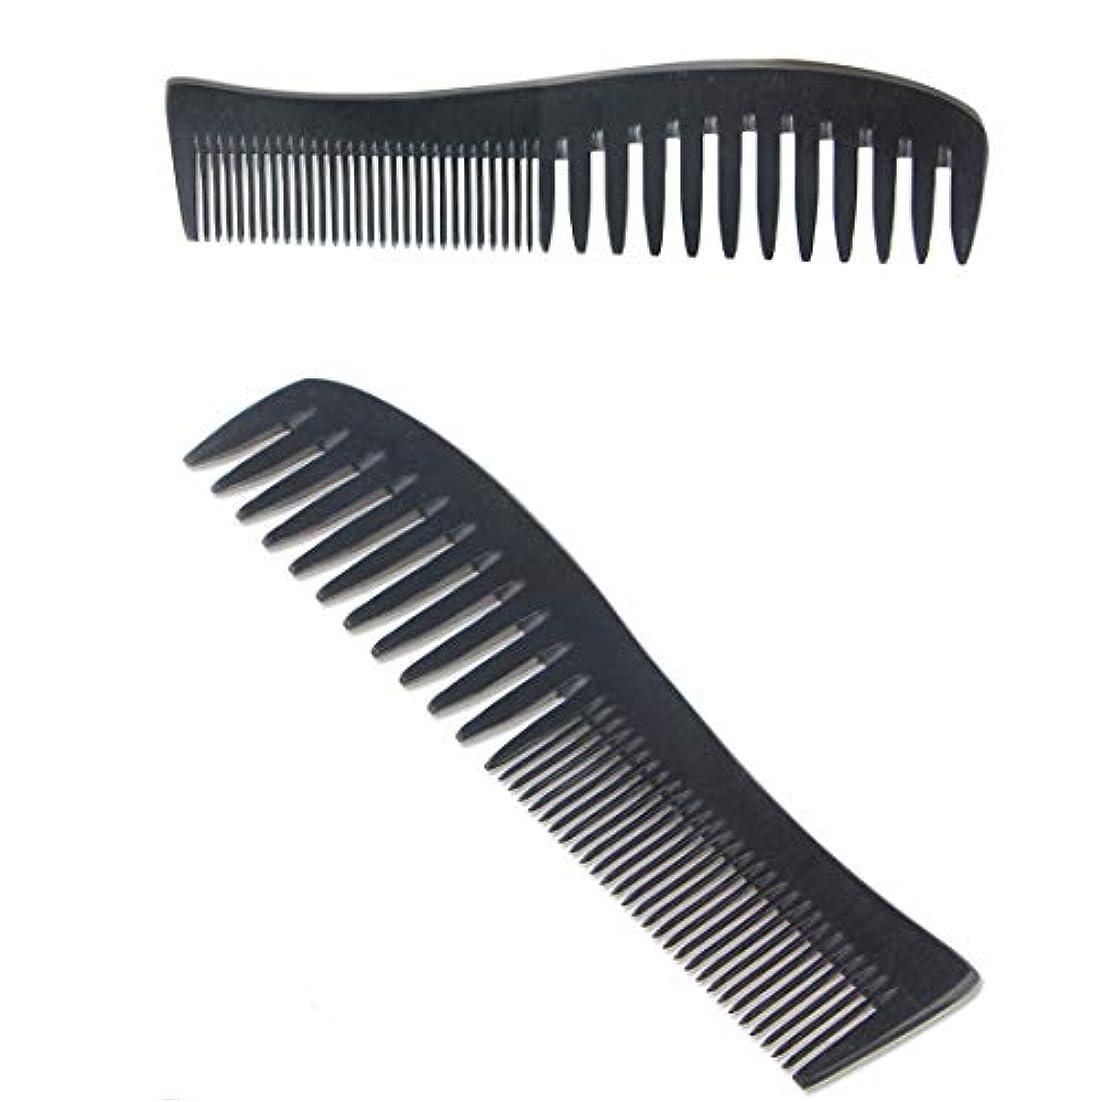 損失誘惑国籍WASAIO 手作りの木製くし抗静的カーリーストレートヘアブラシは、頭皮と髪の健康ファインワイド歯2PCSのに適したブラシ (色 : 2Pcs)